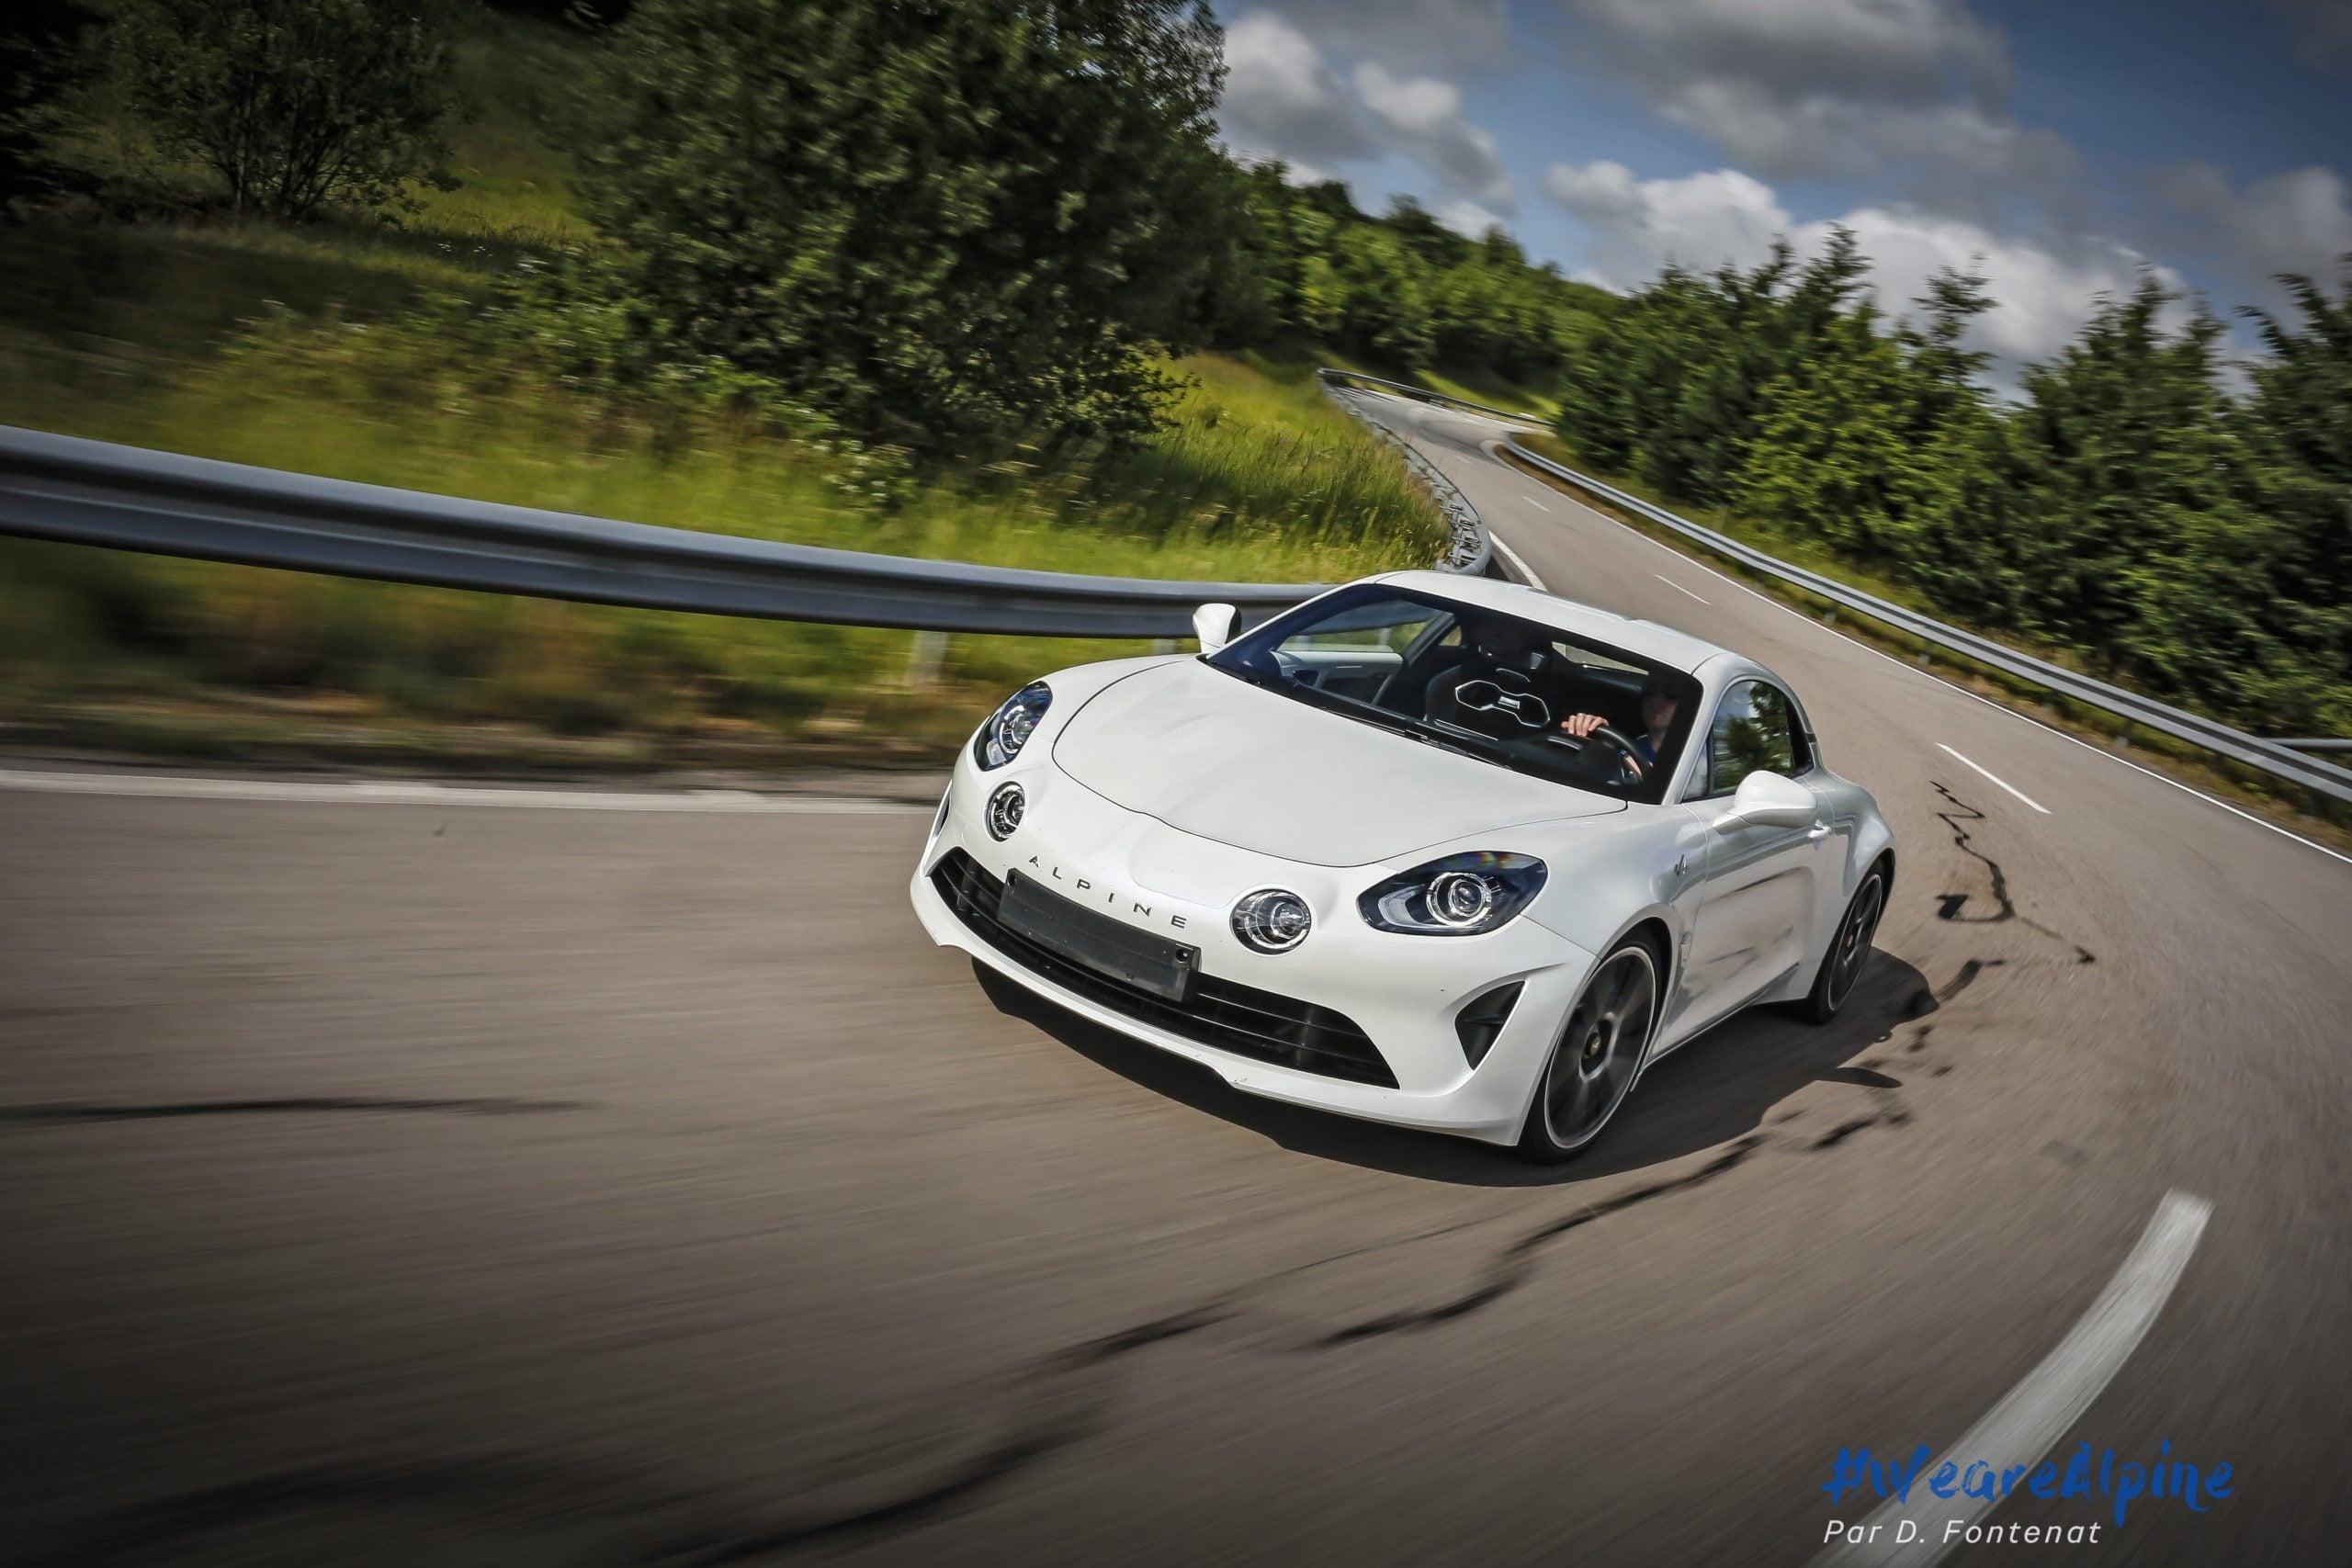 DF18757©D.Fontenat scaled | Essai vidéo de la nouvelle Alpine A110 sur circuit en exclusivité mondiale !